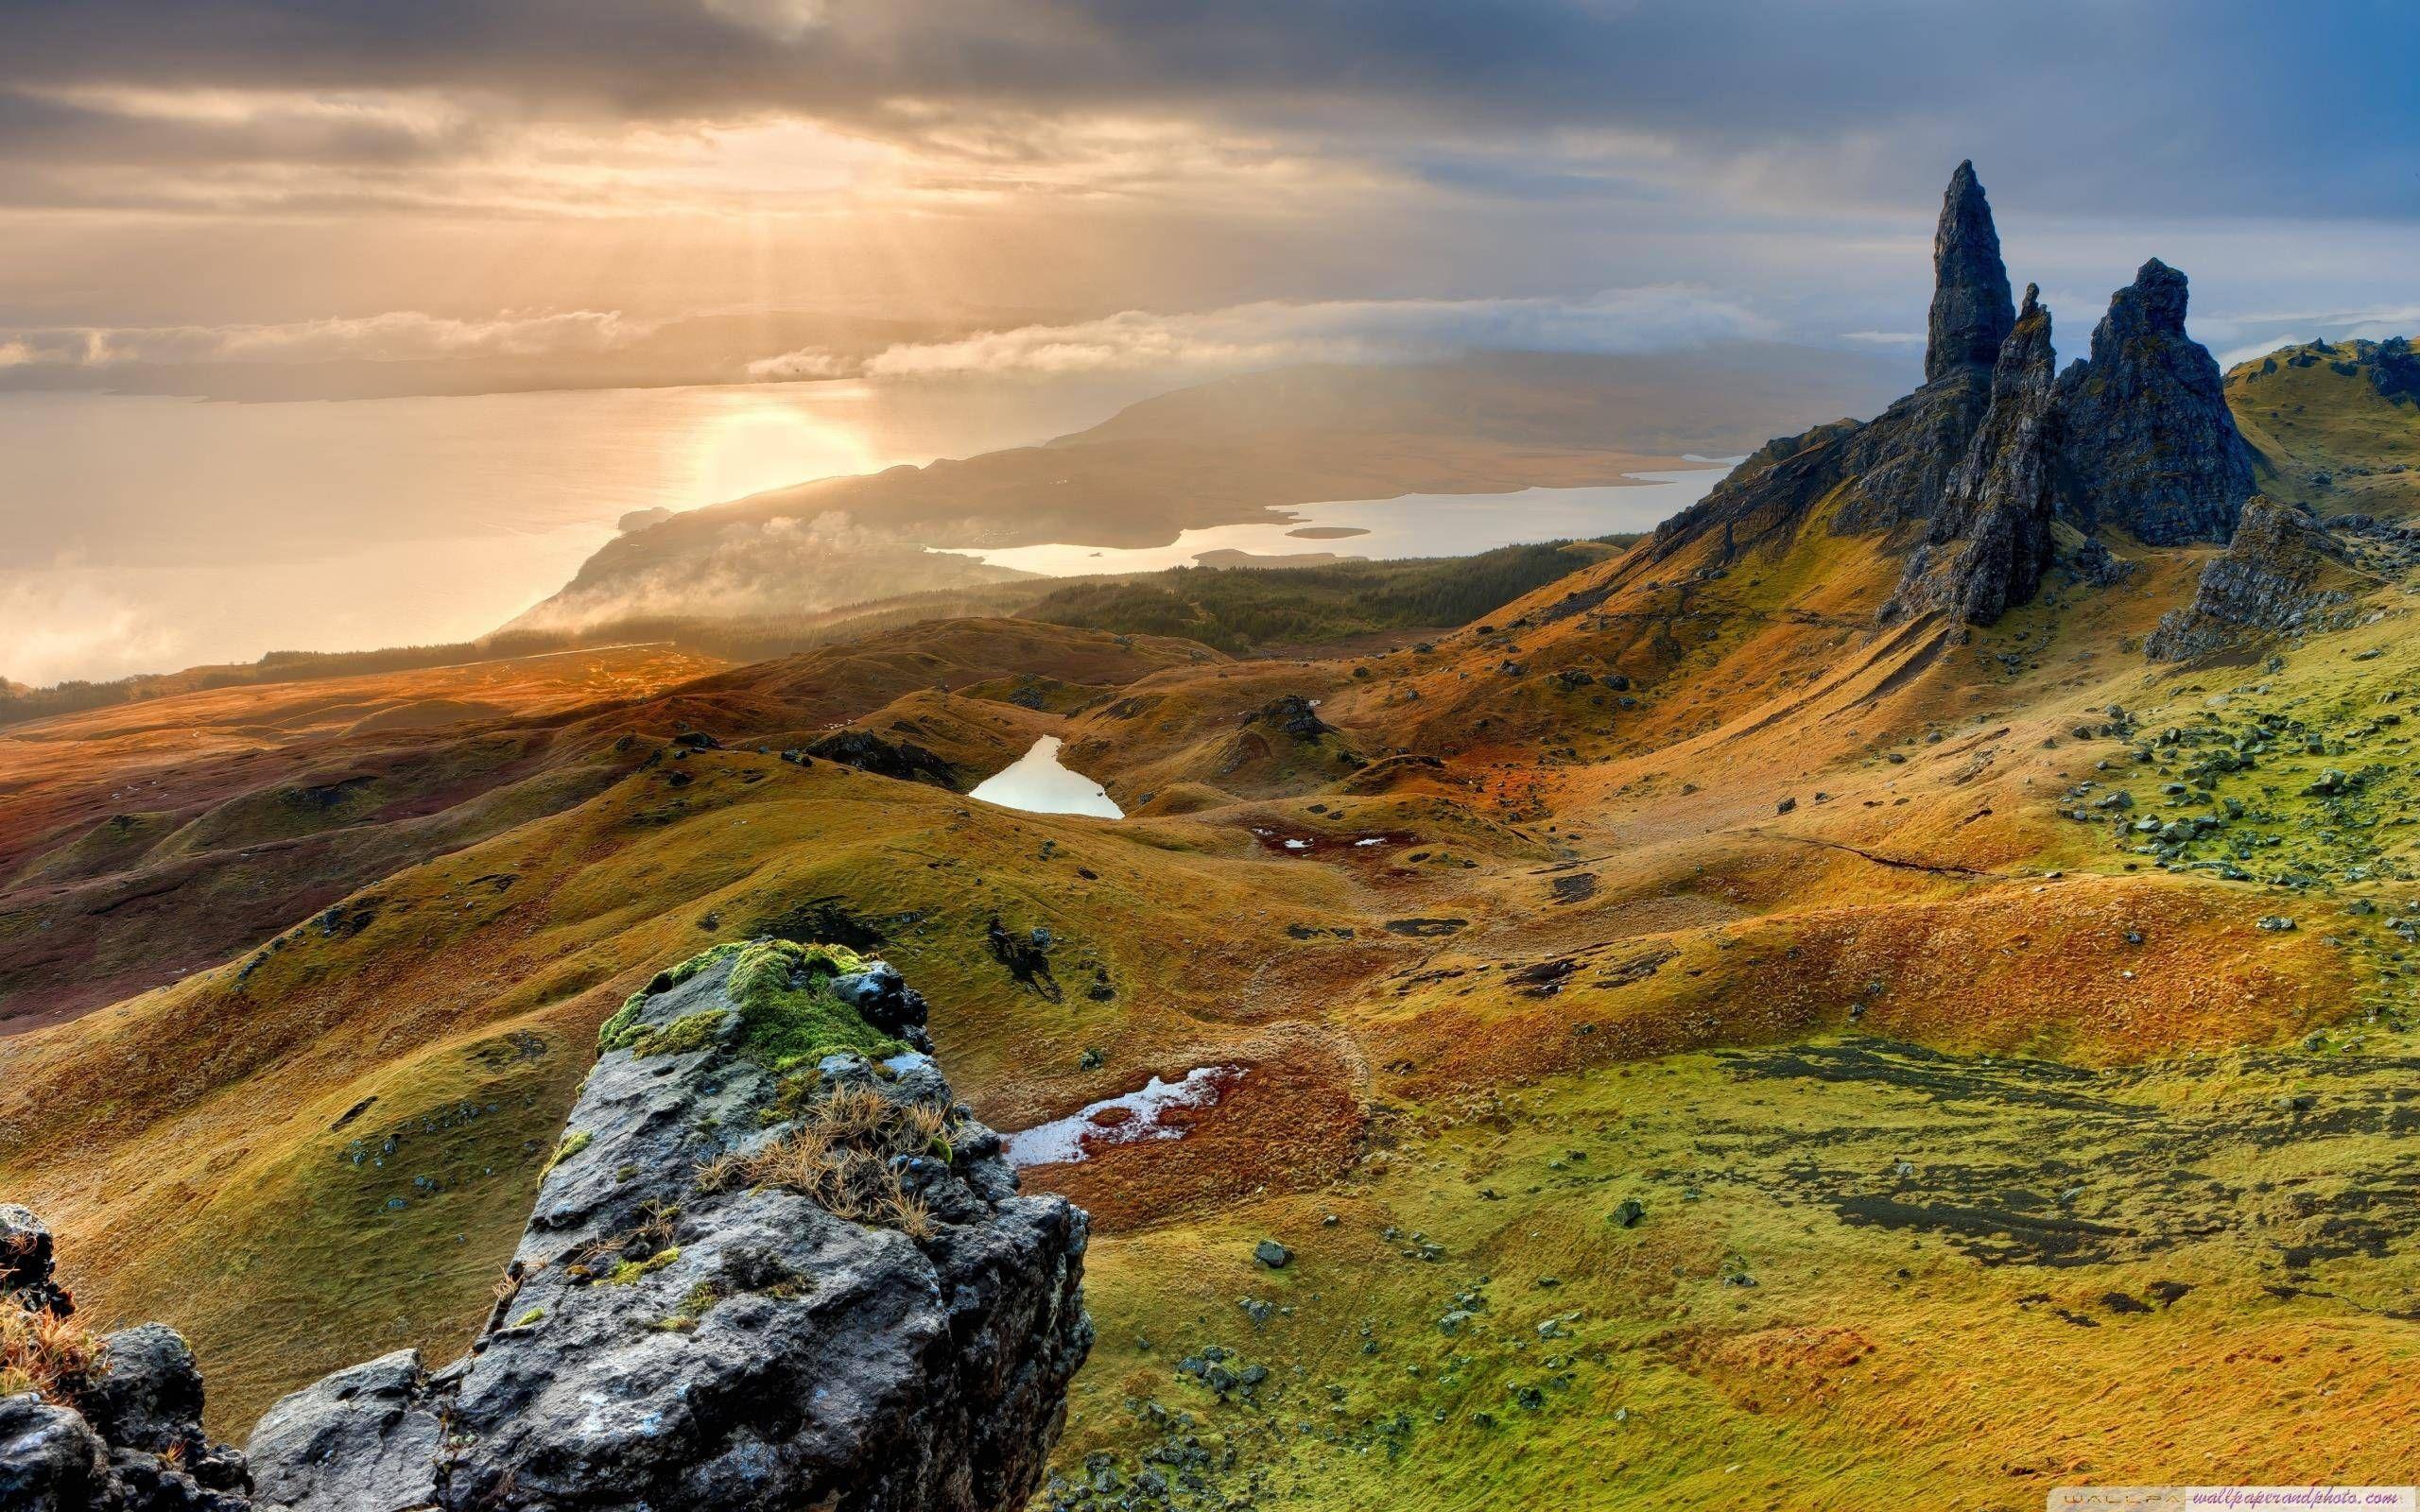 The Storr Hill Panorama Scotland HD 169 1610 desktop wallpaper 2560x1600